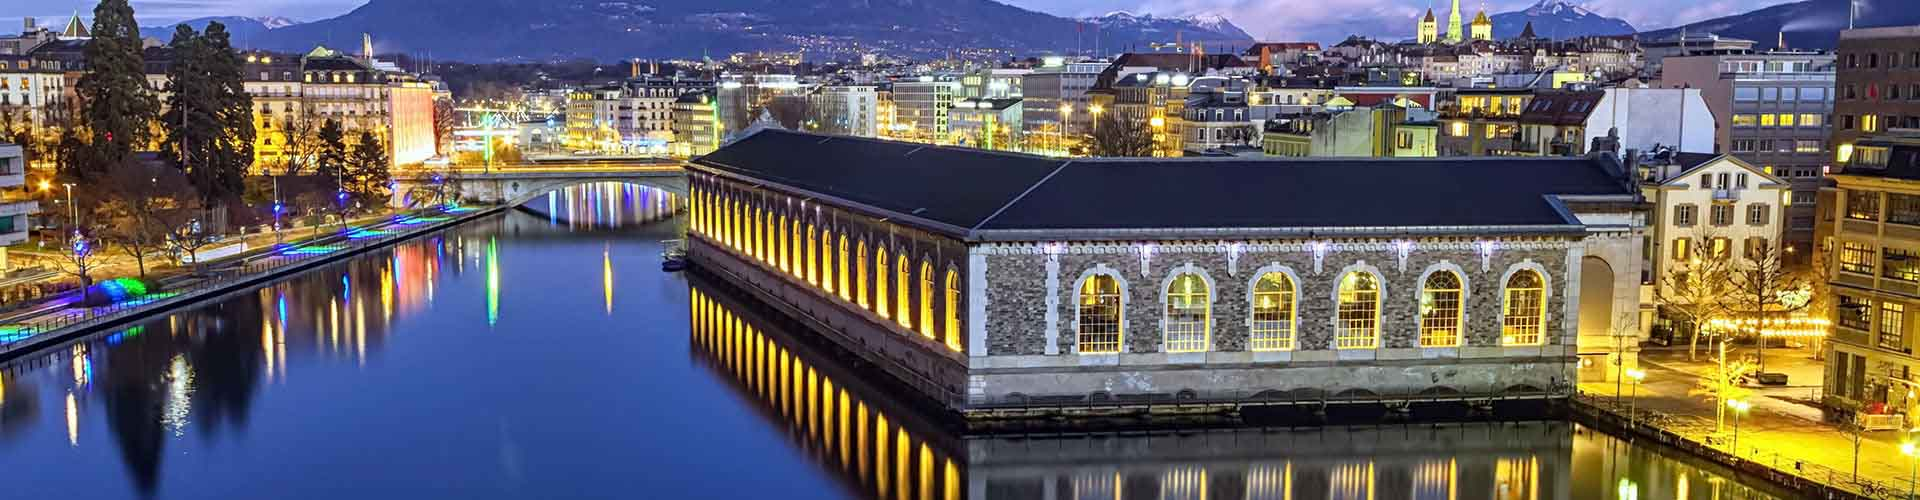 Ginebra - Hostales en el distrito Saint-Gervais-. Mapas de Ginebra, Fotos y comentarios de cada Hostal en Ginebra.